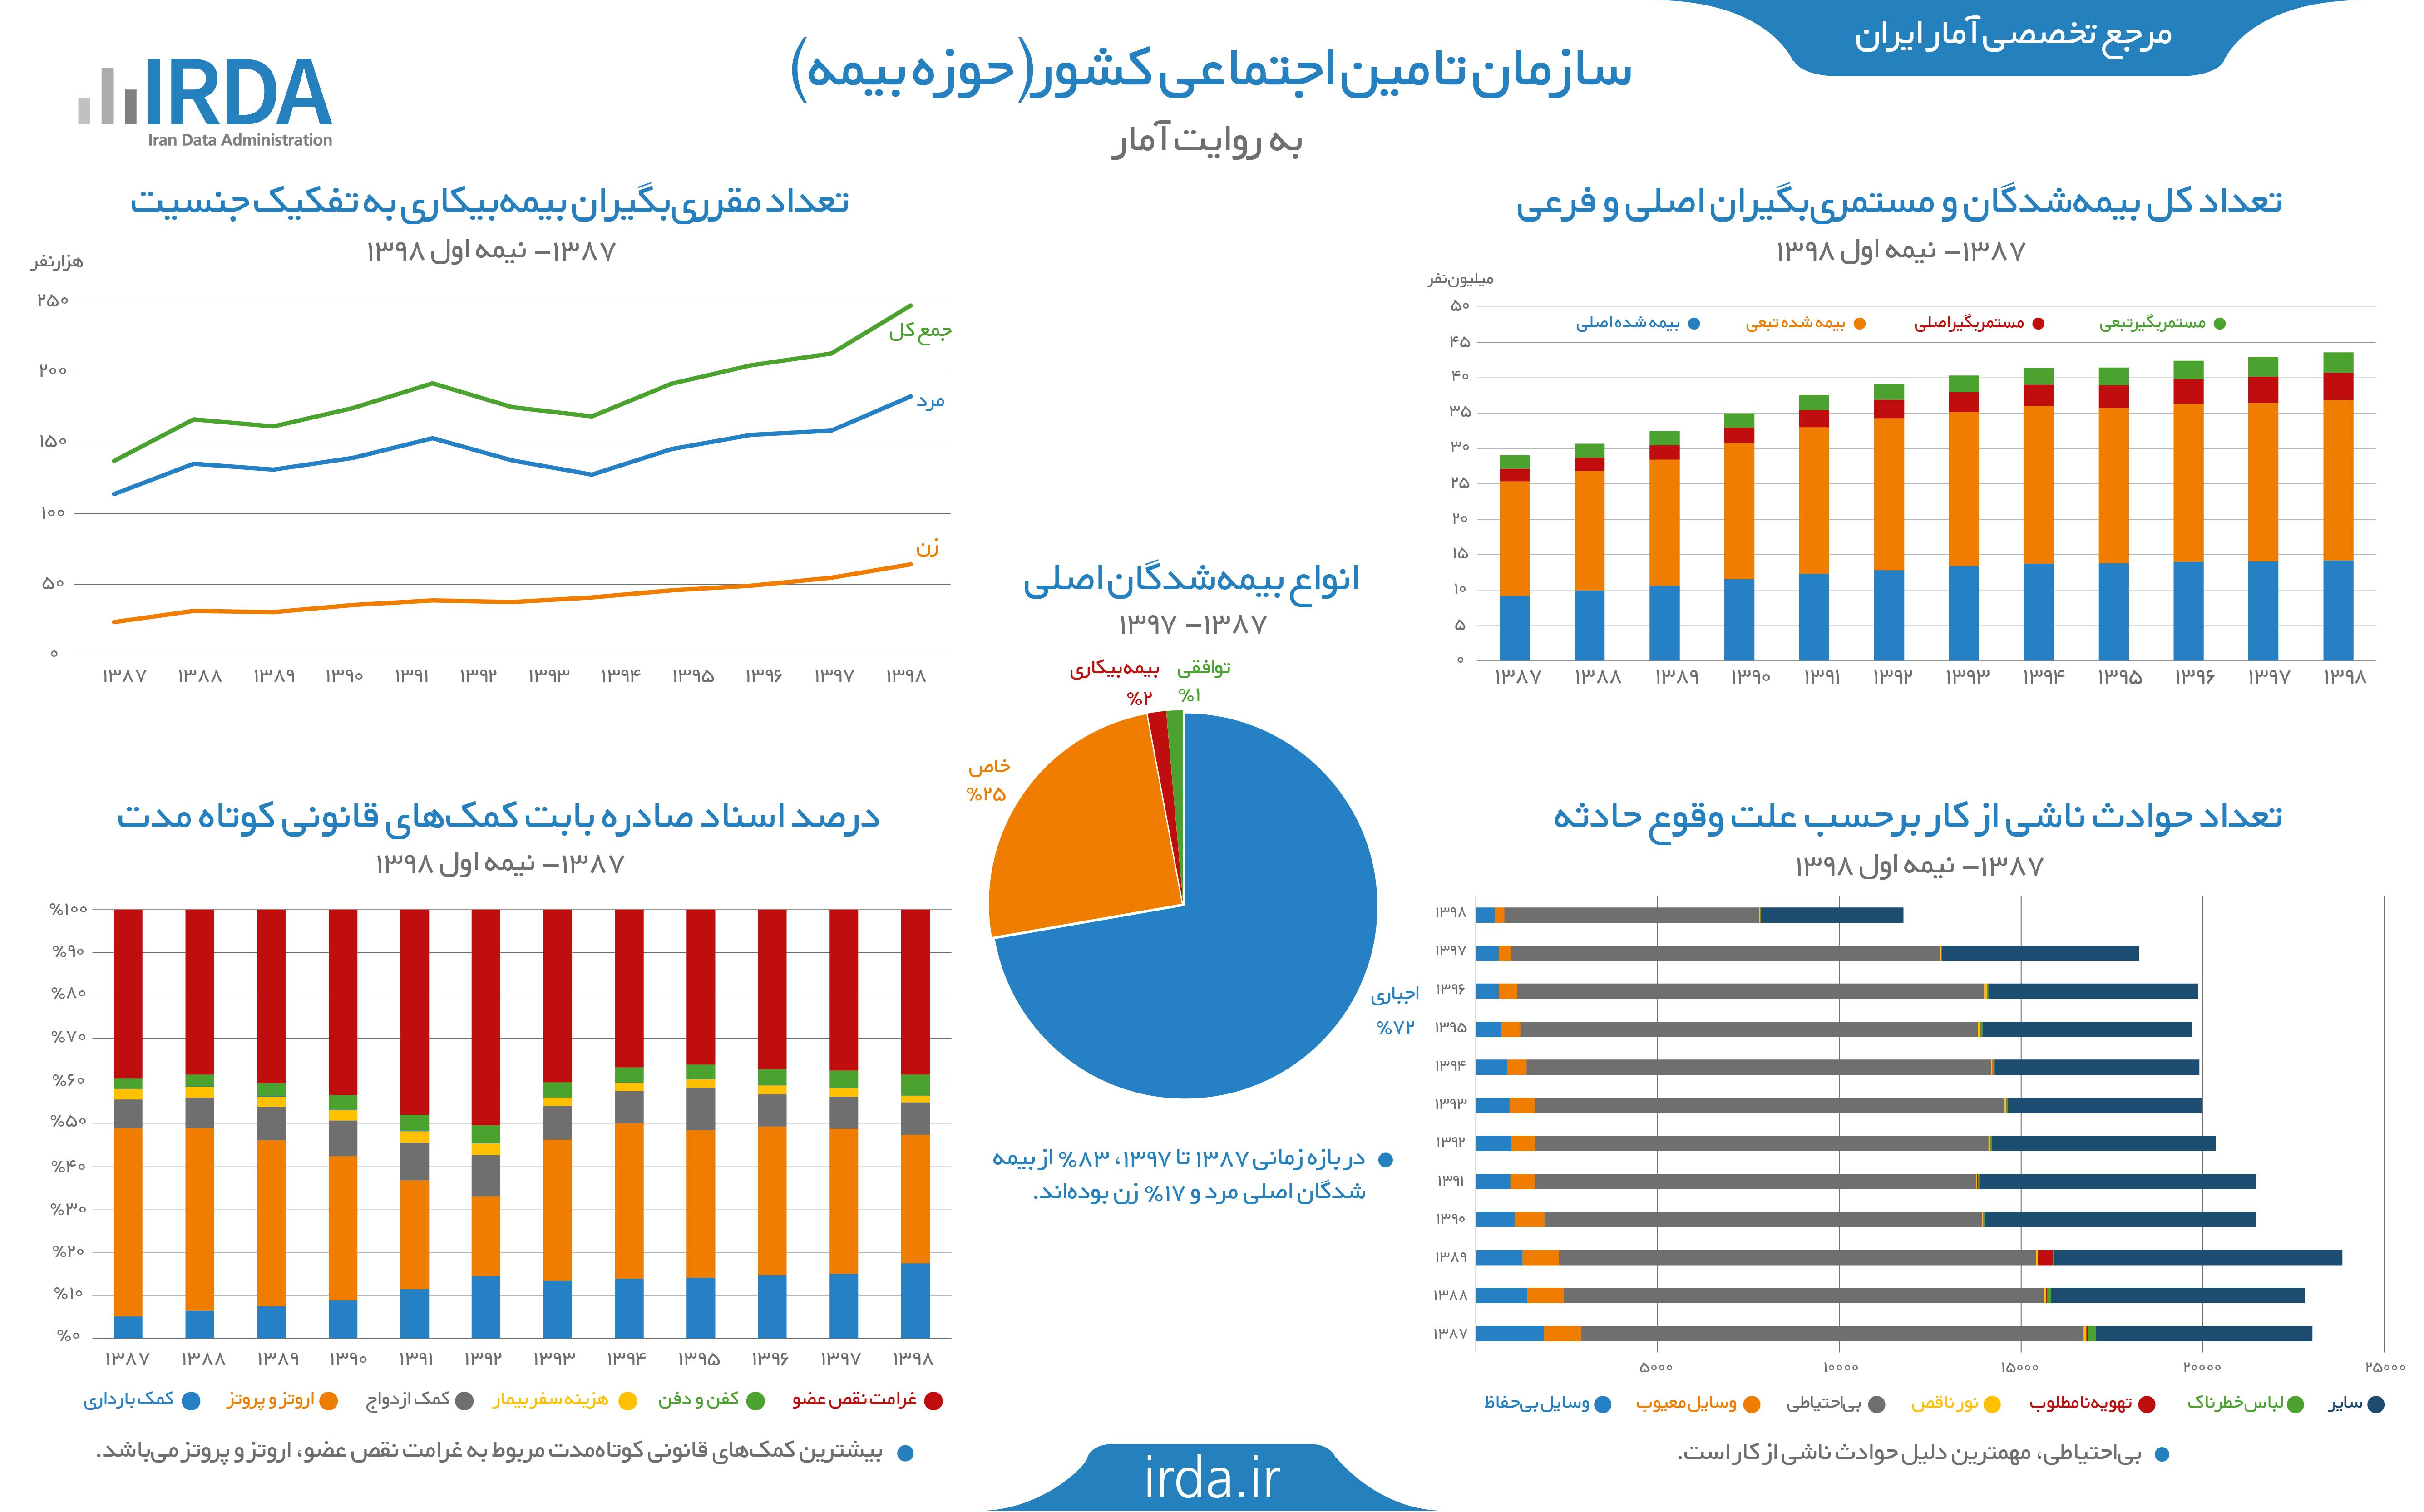 بیمه تأمین اجتماعی در ایران به روایت آمار (حوزه بیمه)